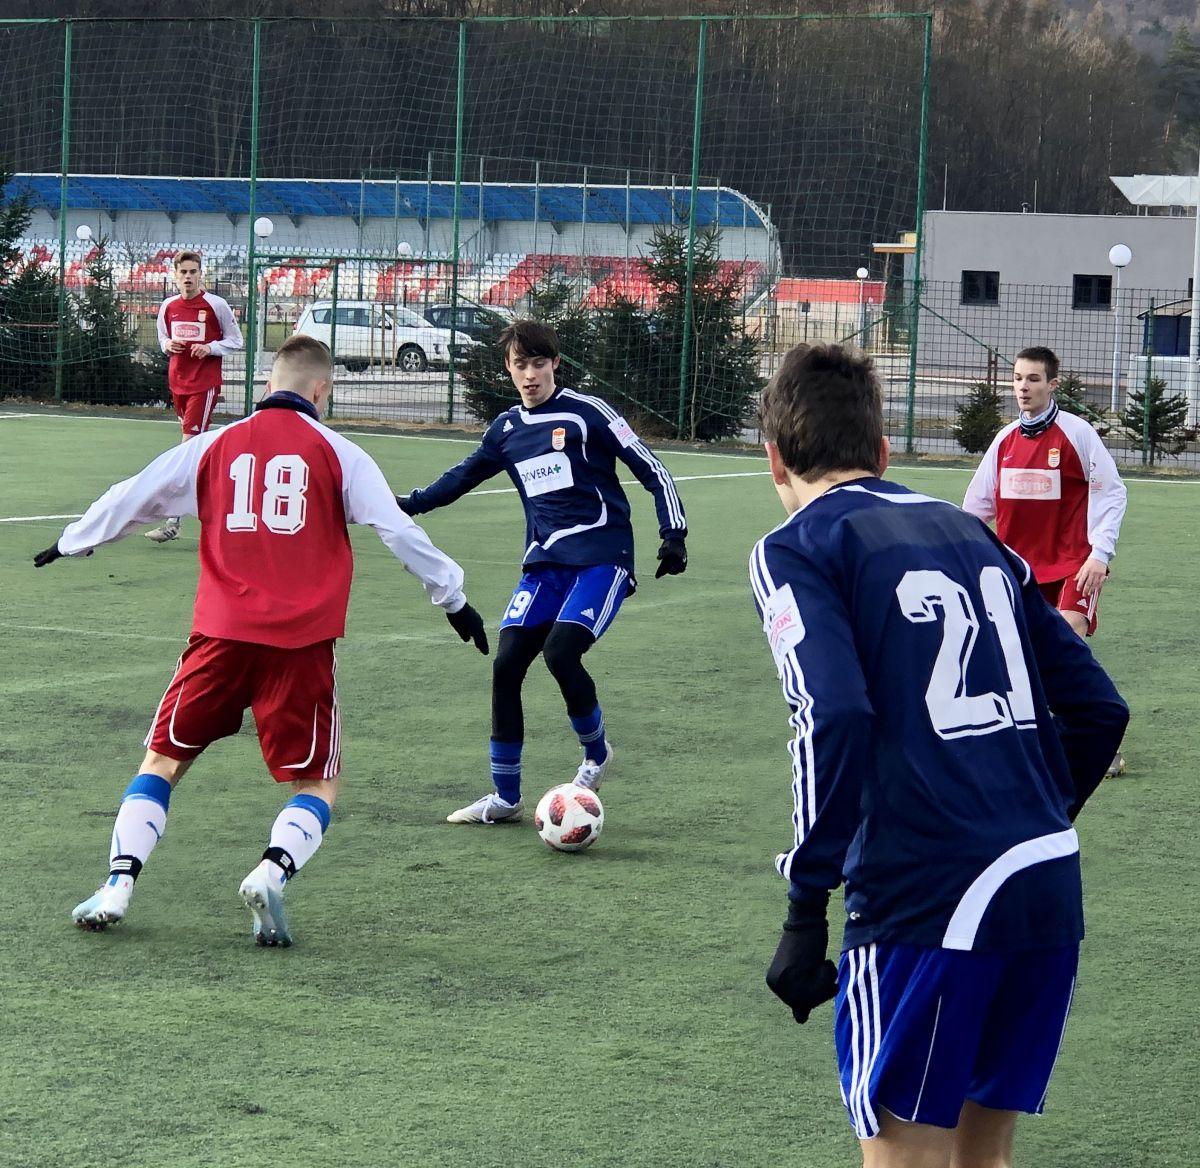 Tak to vsobotu 11. januára toho roku vyzeralo počas modelovaného zápasu dorastencov U19 na umelej tráve futbalového komplexu vo Zvolene. Foto: Roman Reptiš